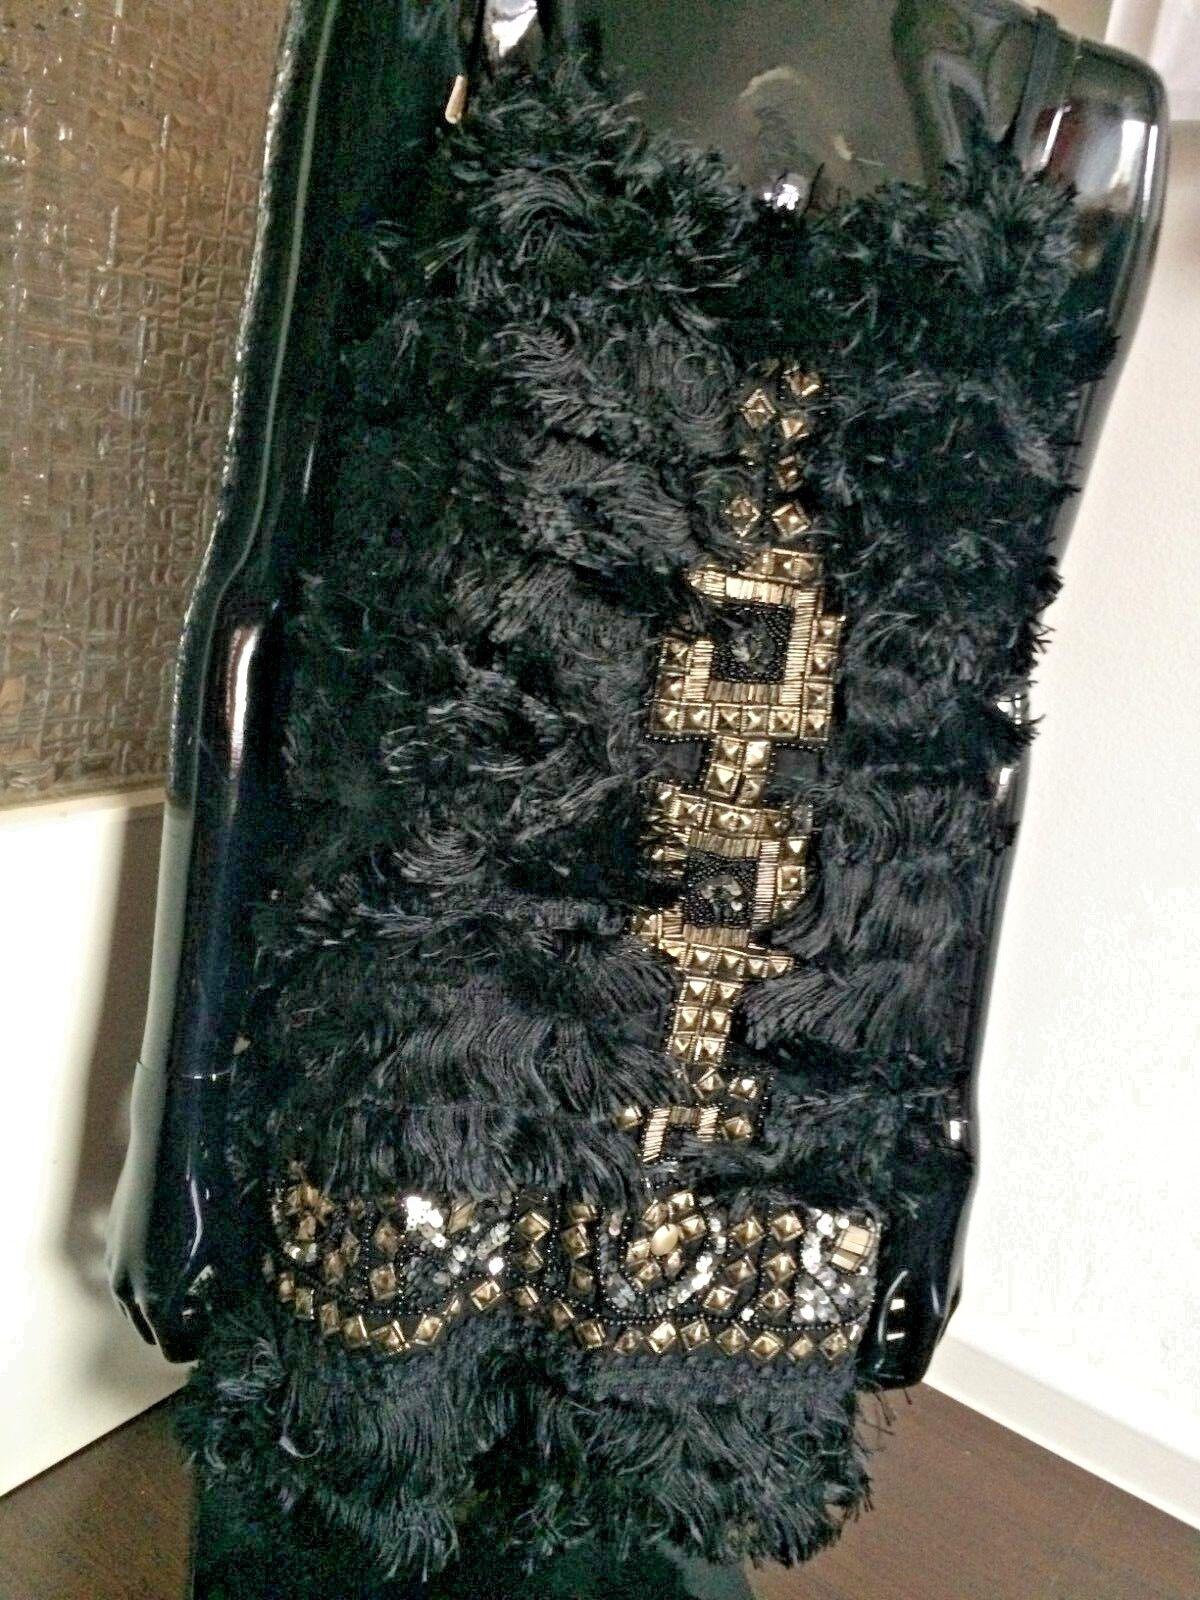 ZARA ZARA ZARA Kleid schwarz  ungetragen mit Etikett Gr.S LIMITED EDITION   Großer Verkauf    Konzentrieren Sie sich auf das Babyleben    Modern Und Elegant  31cd68